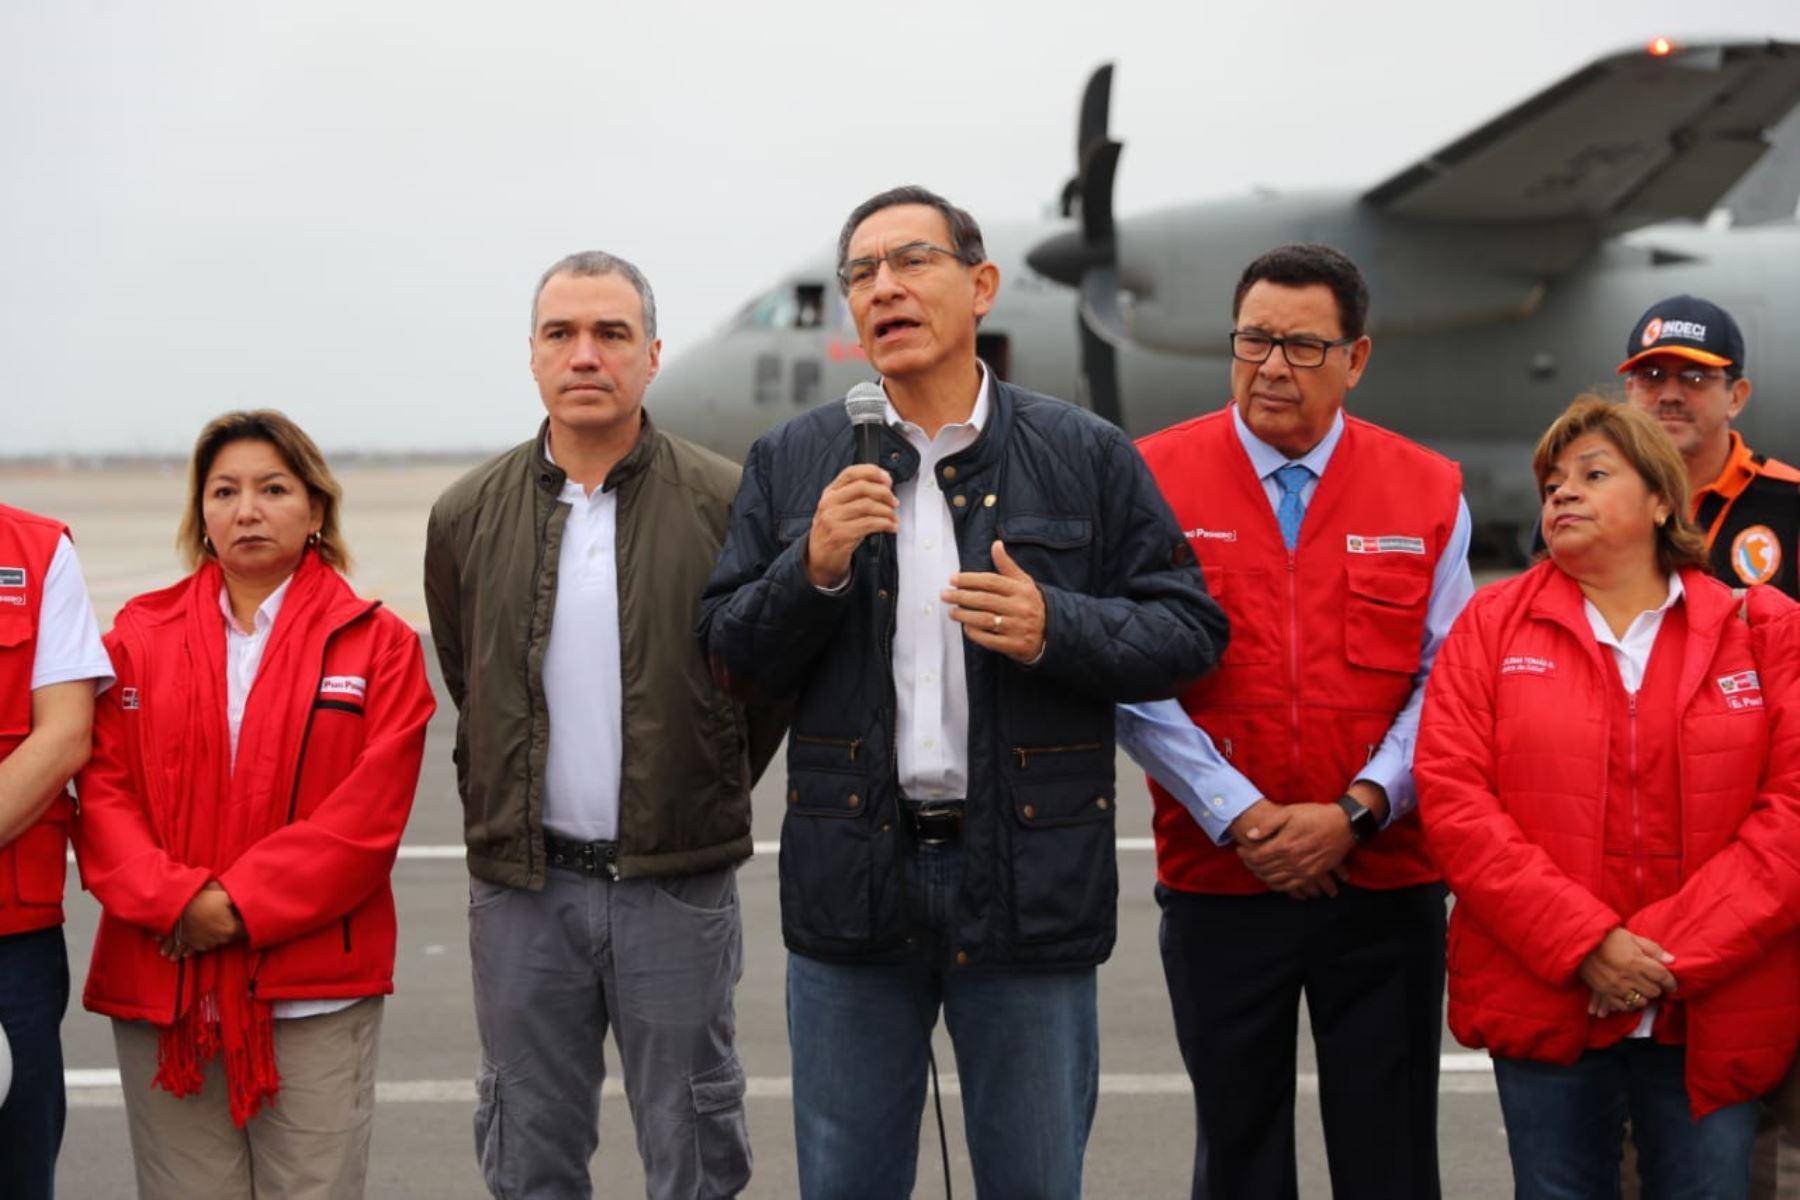 El presidente de la República, Martín Vizcarra viajó a Yurimaguas y otros ministros de Estado se trasladaron a las zonas afectadas por el sismo de magnitud 7.5.Foto: ANDINA/Prensa Presidencia